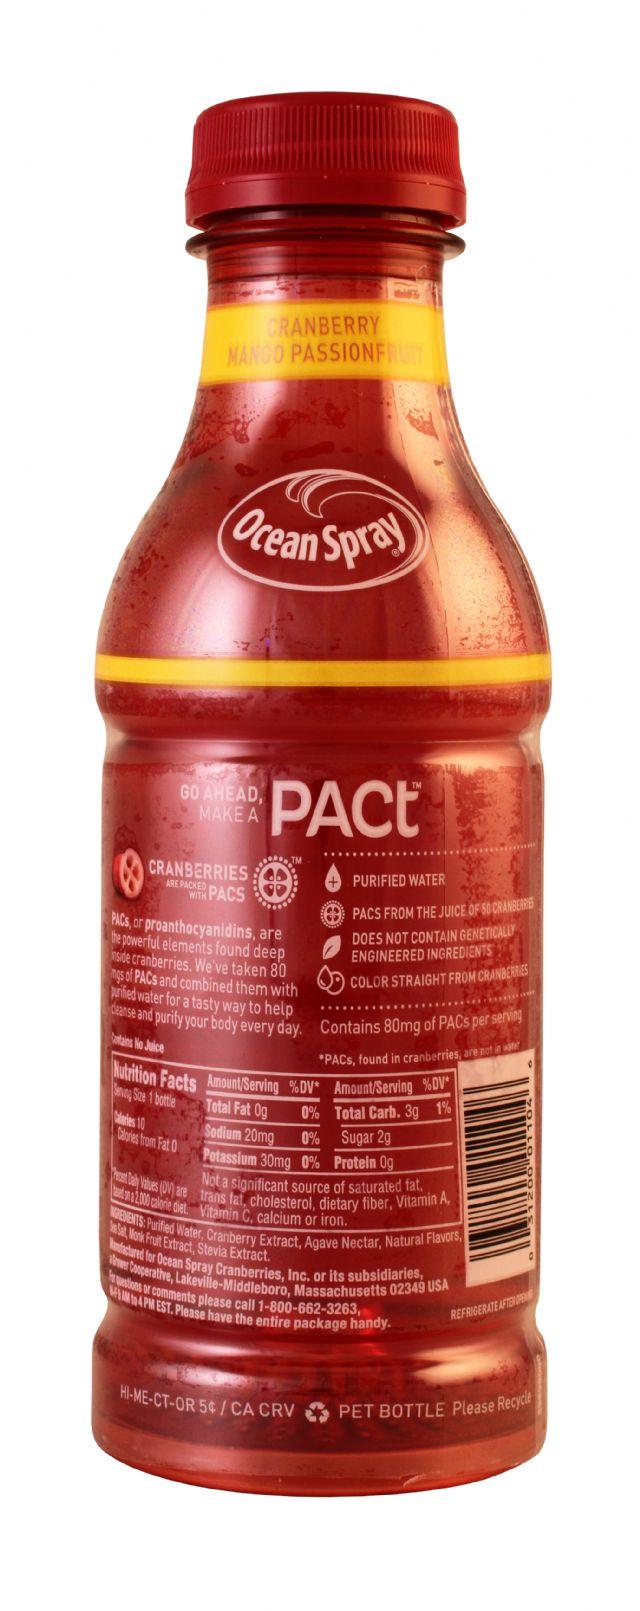 Ocean Spray PACt: OceanSpray PactMangoPass Facts